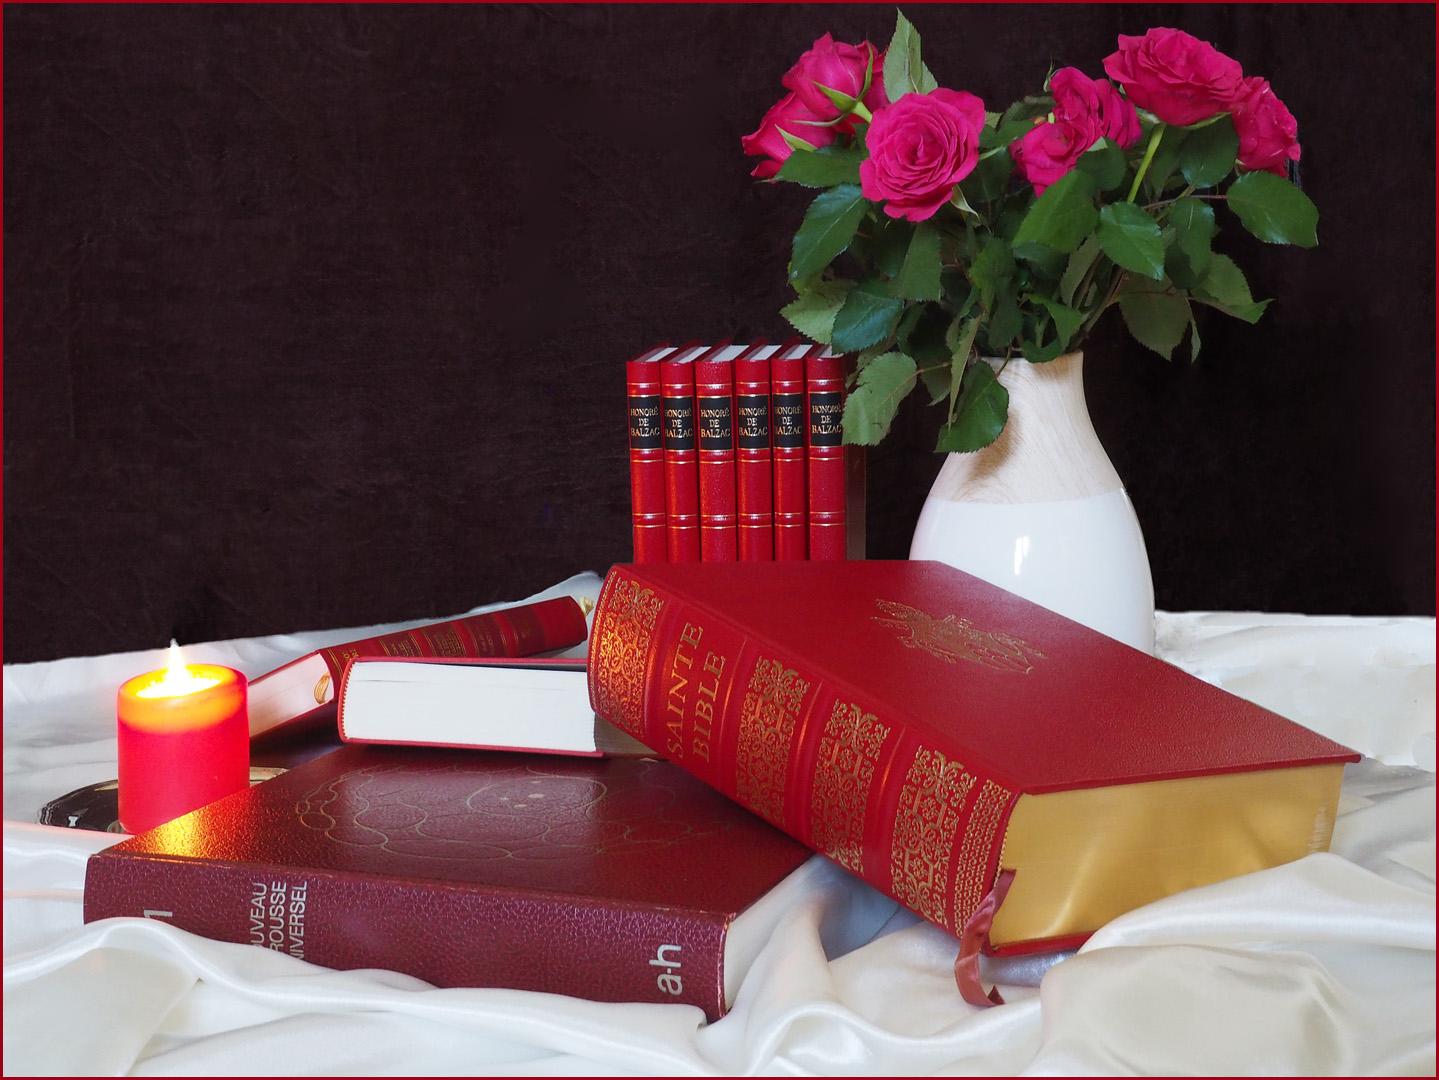 La lecture est dans le rouge…. !